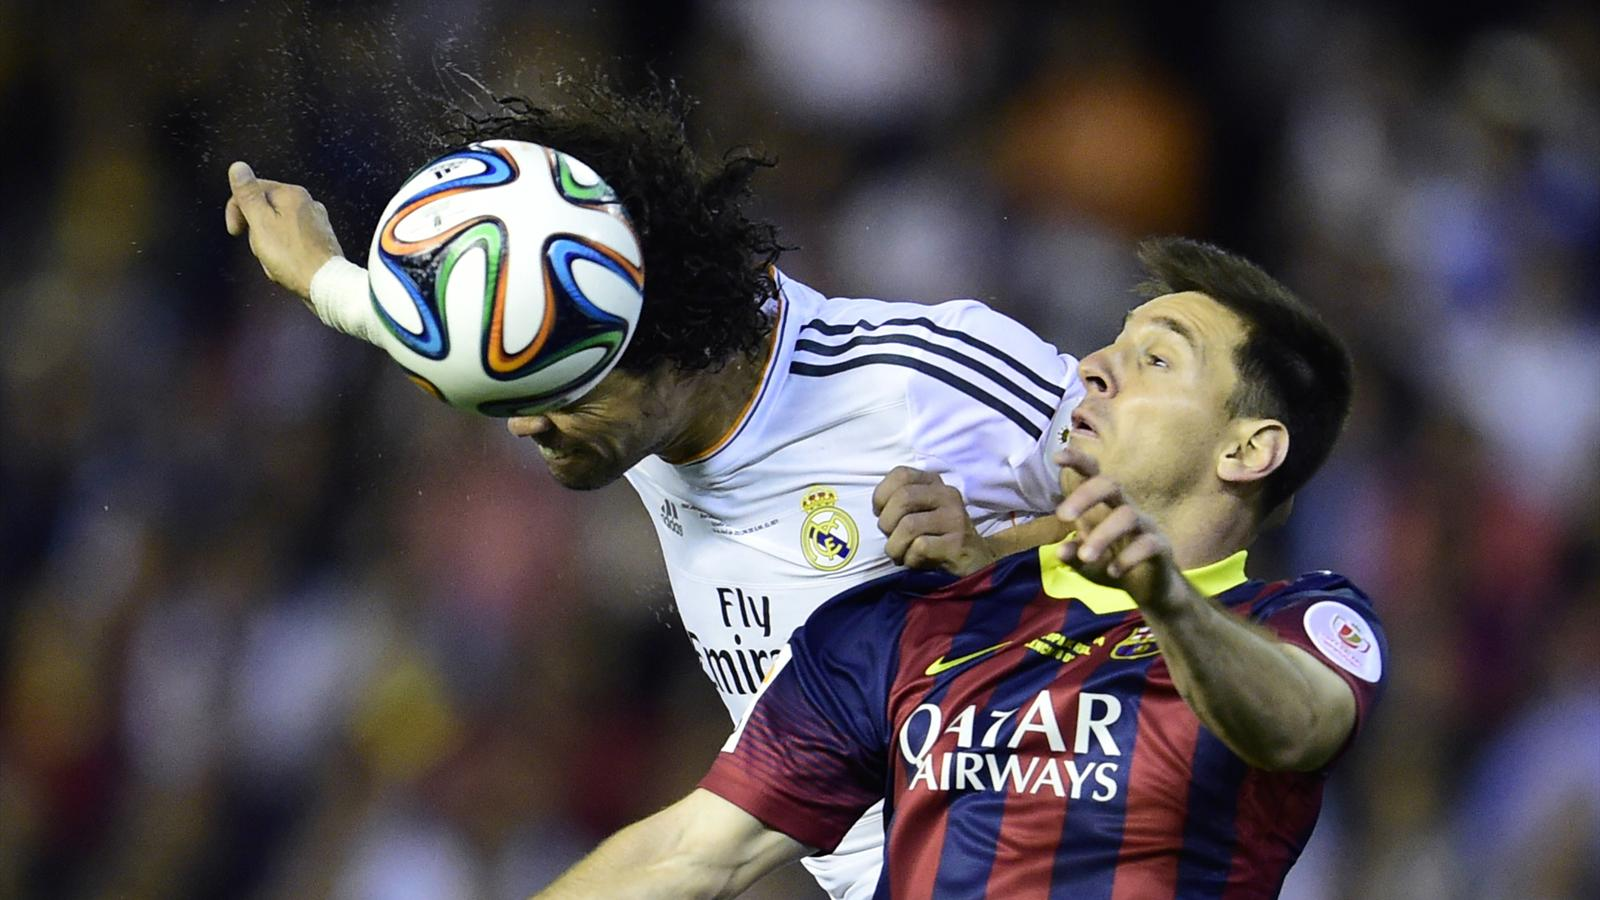 Liga- Real Madrid – Barça : Ce Clasico s'annonce grandiose